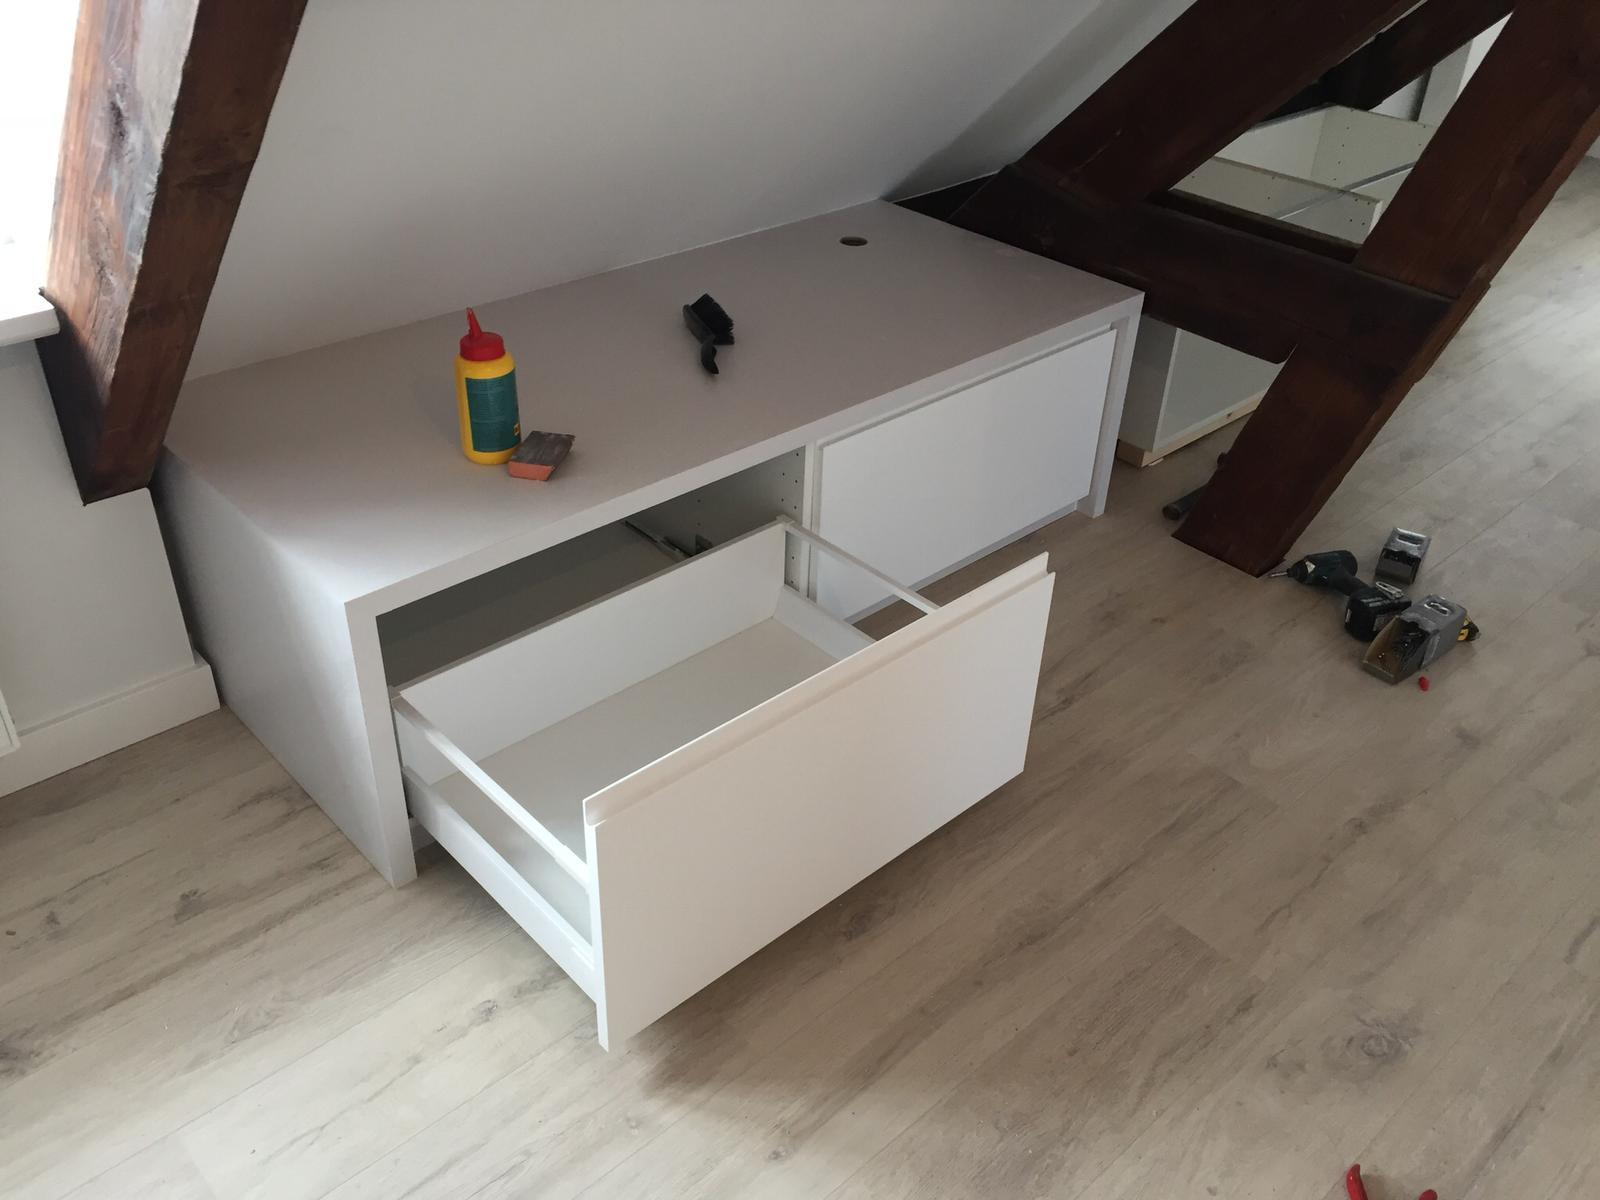 PvRooij-Bouw-en-Advies trap-interieur-kasten (6)